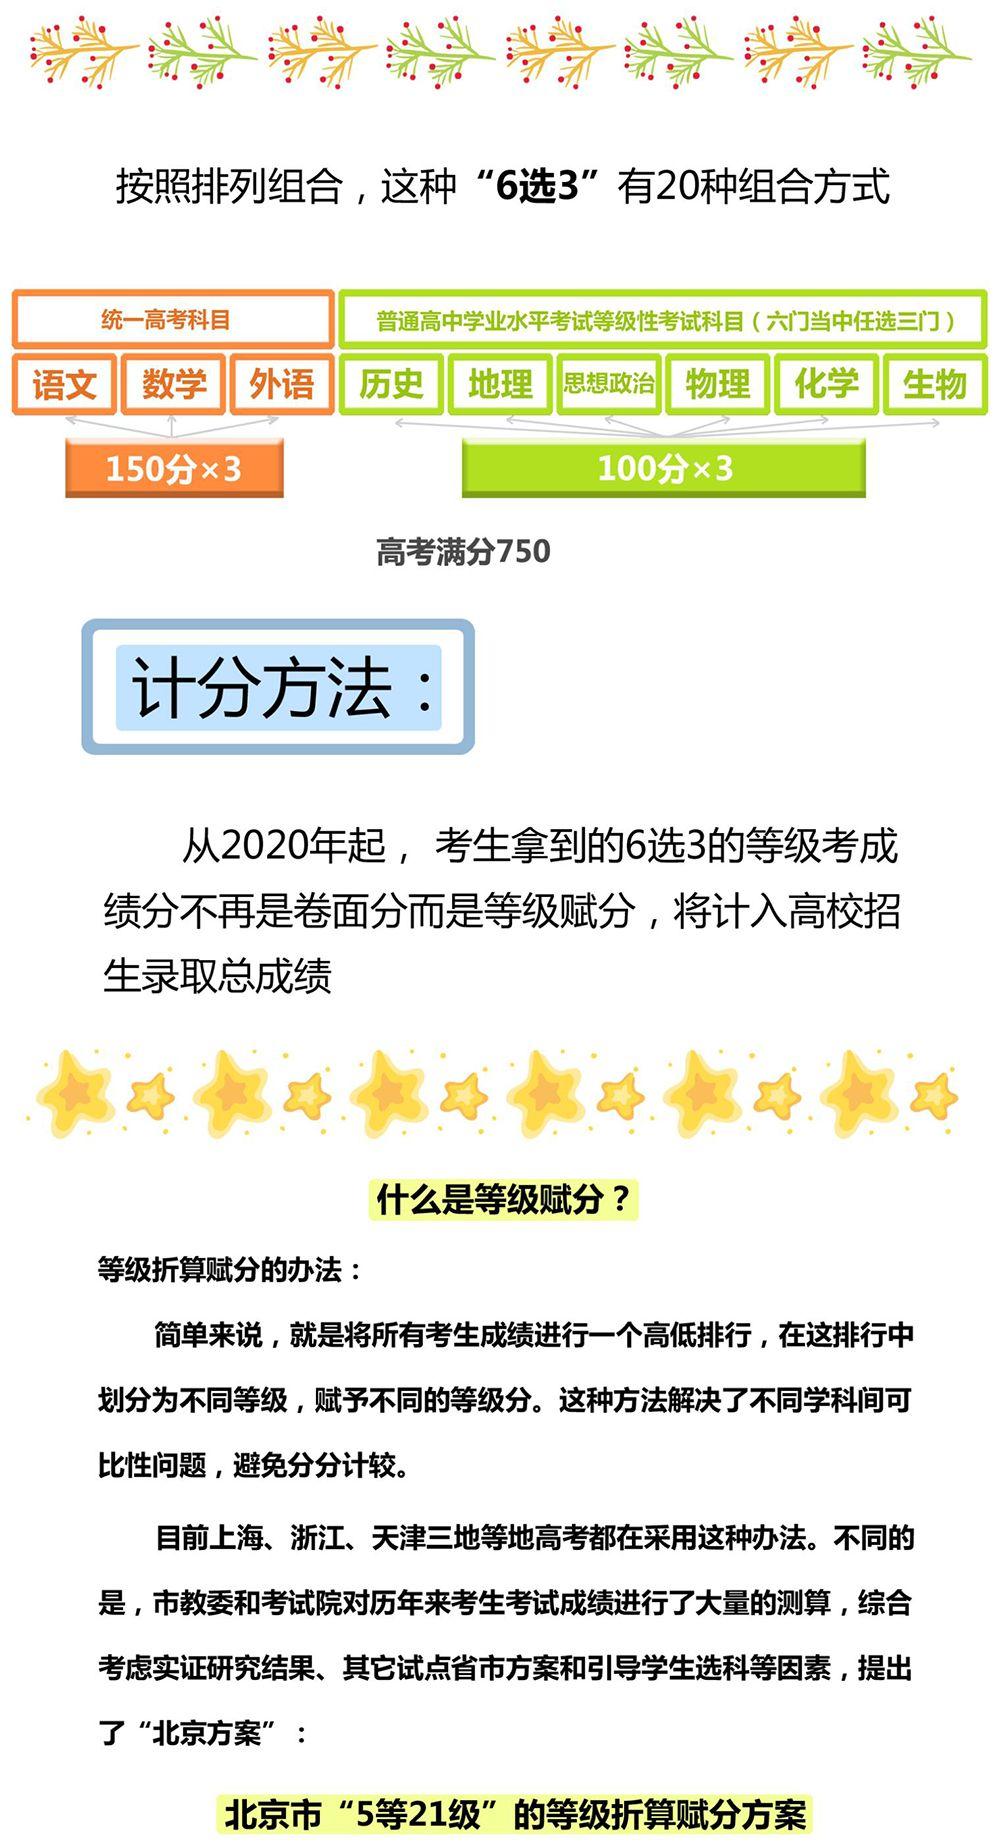 2020年北京高考采取赋分制的特点分析及应对